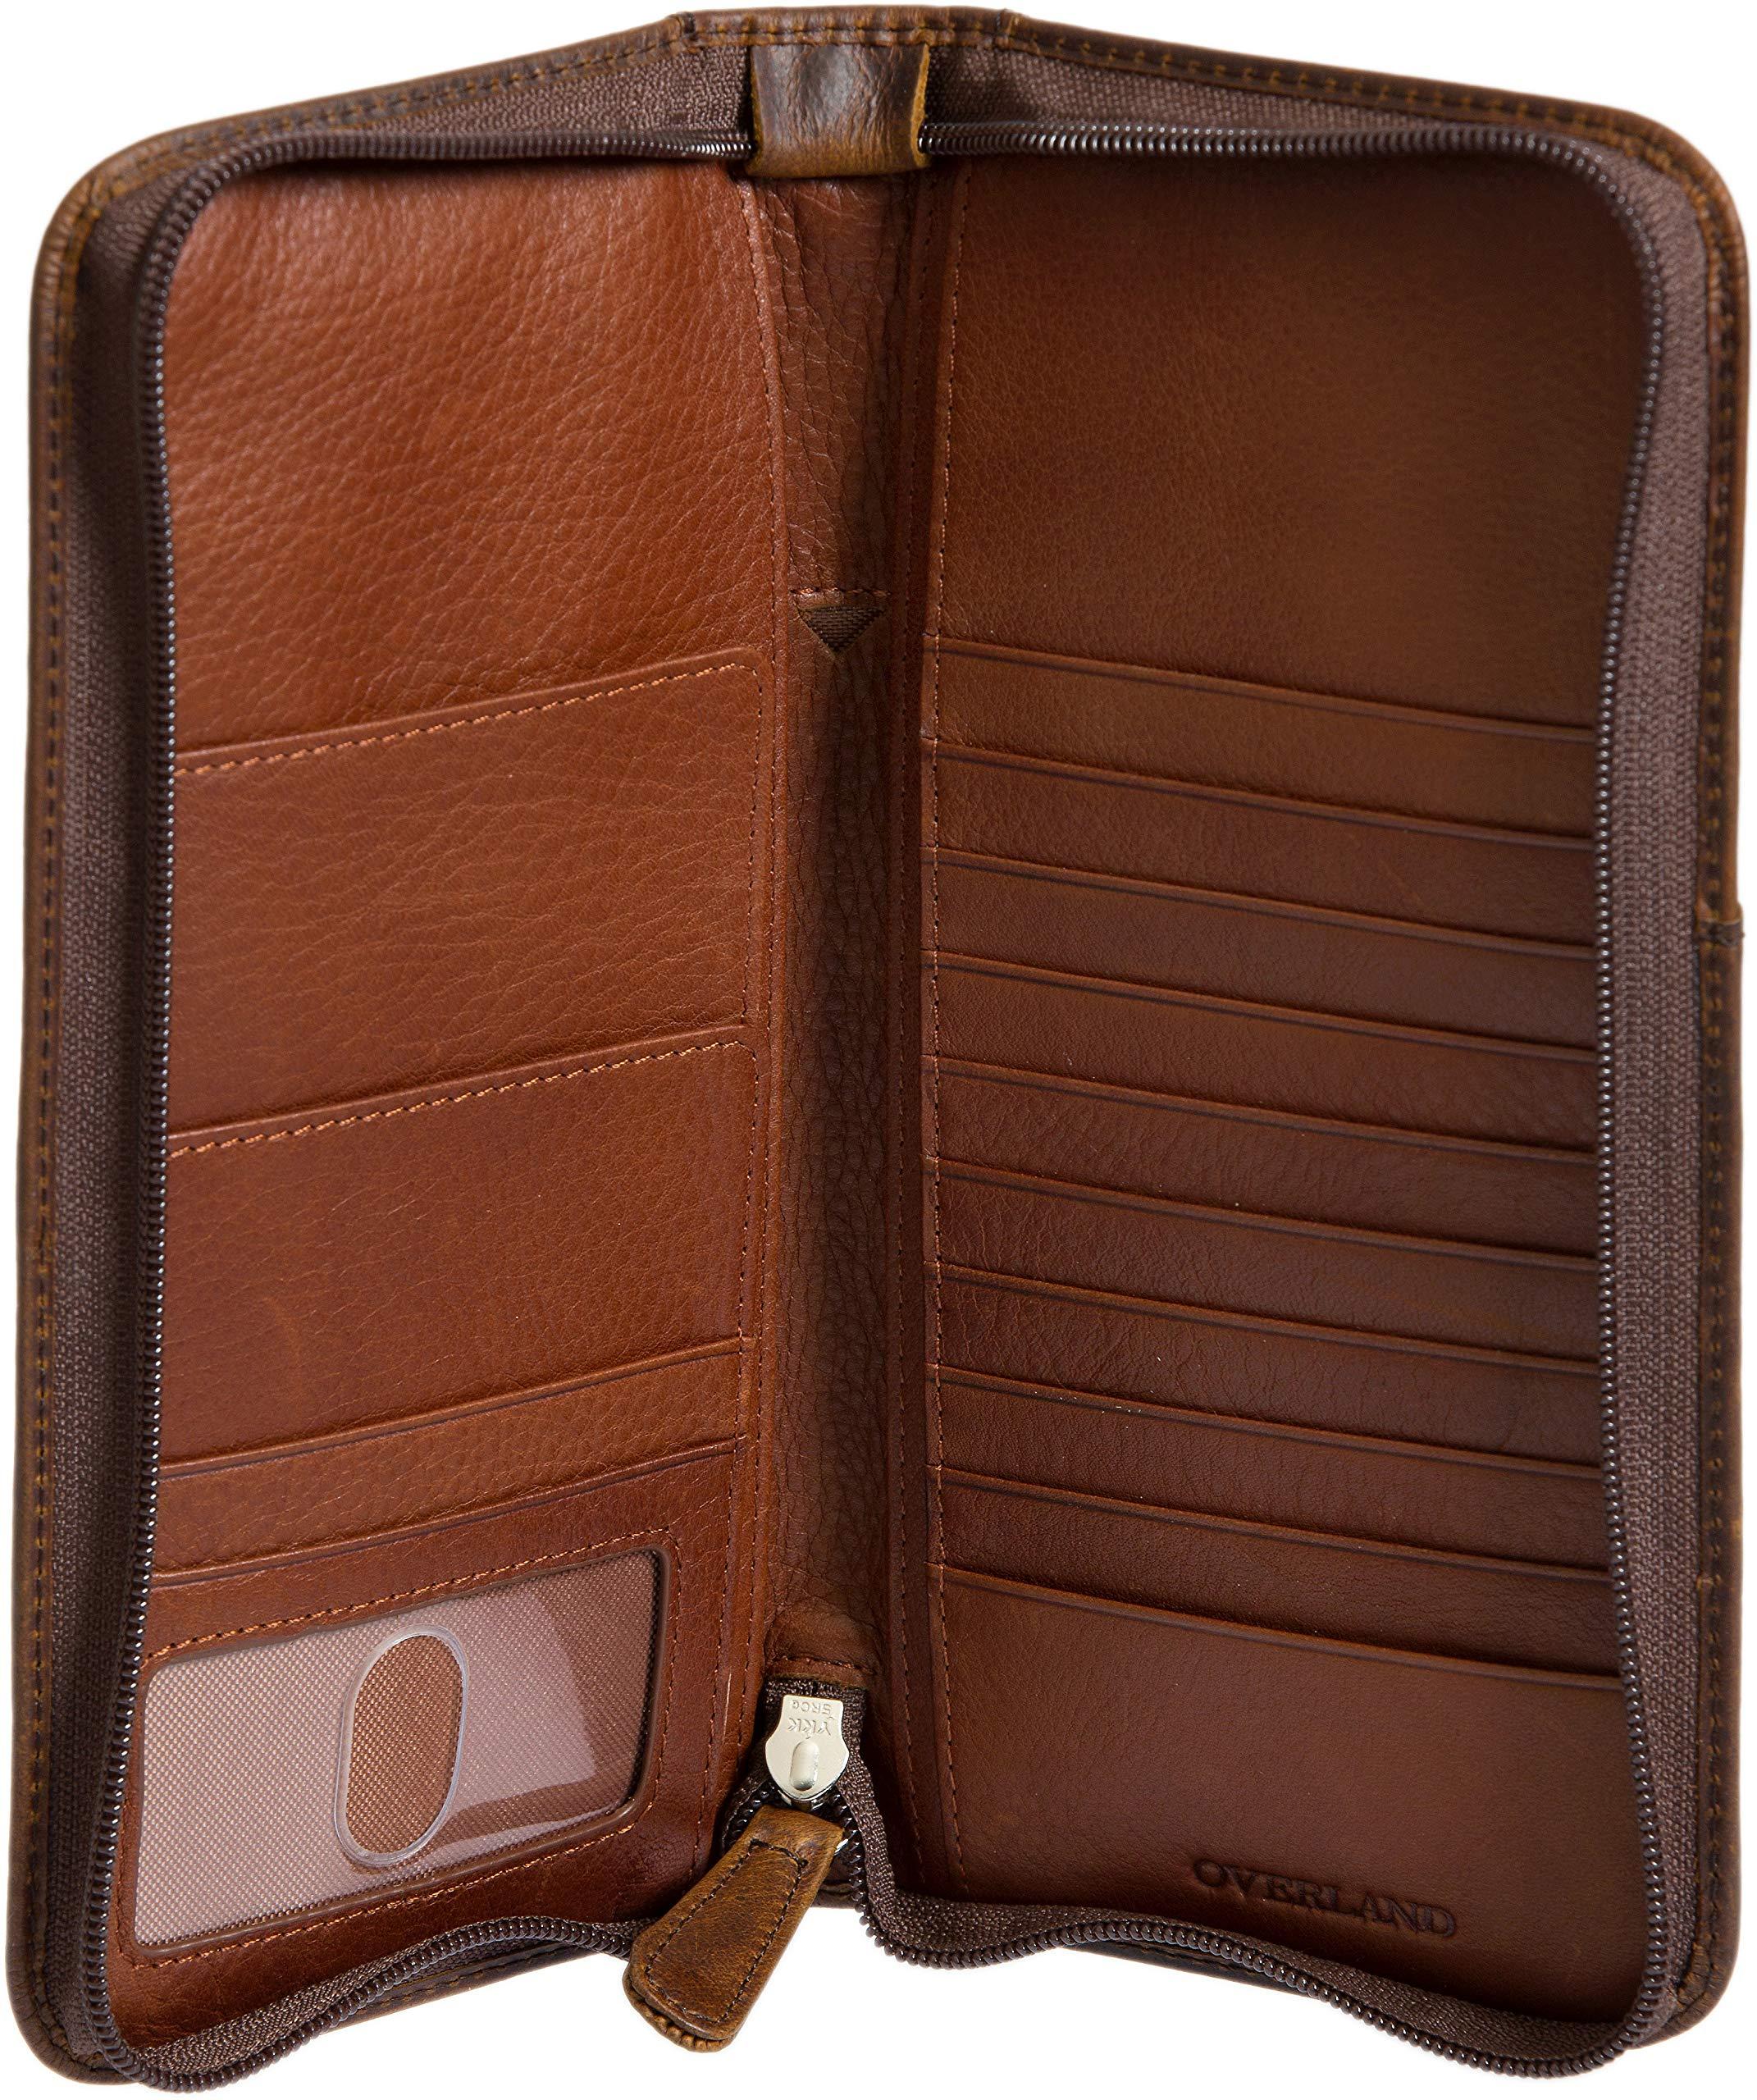 Argentine Leather Passport Wallet by Overland Sheepskin Co